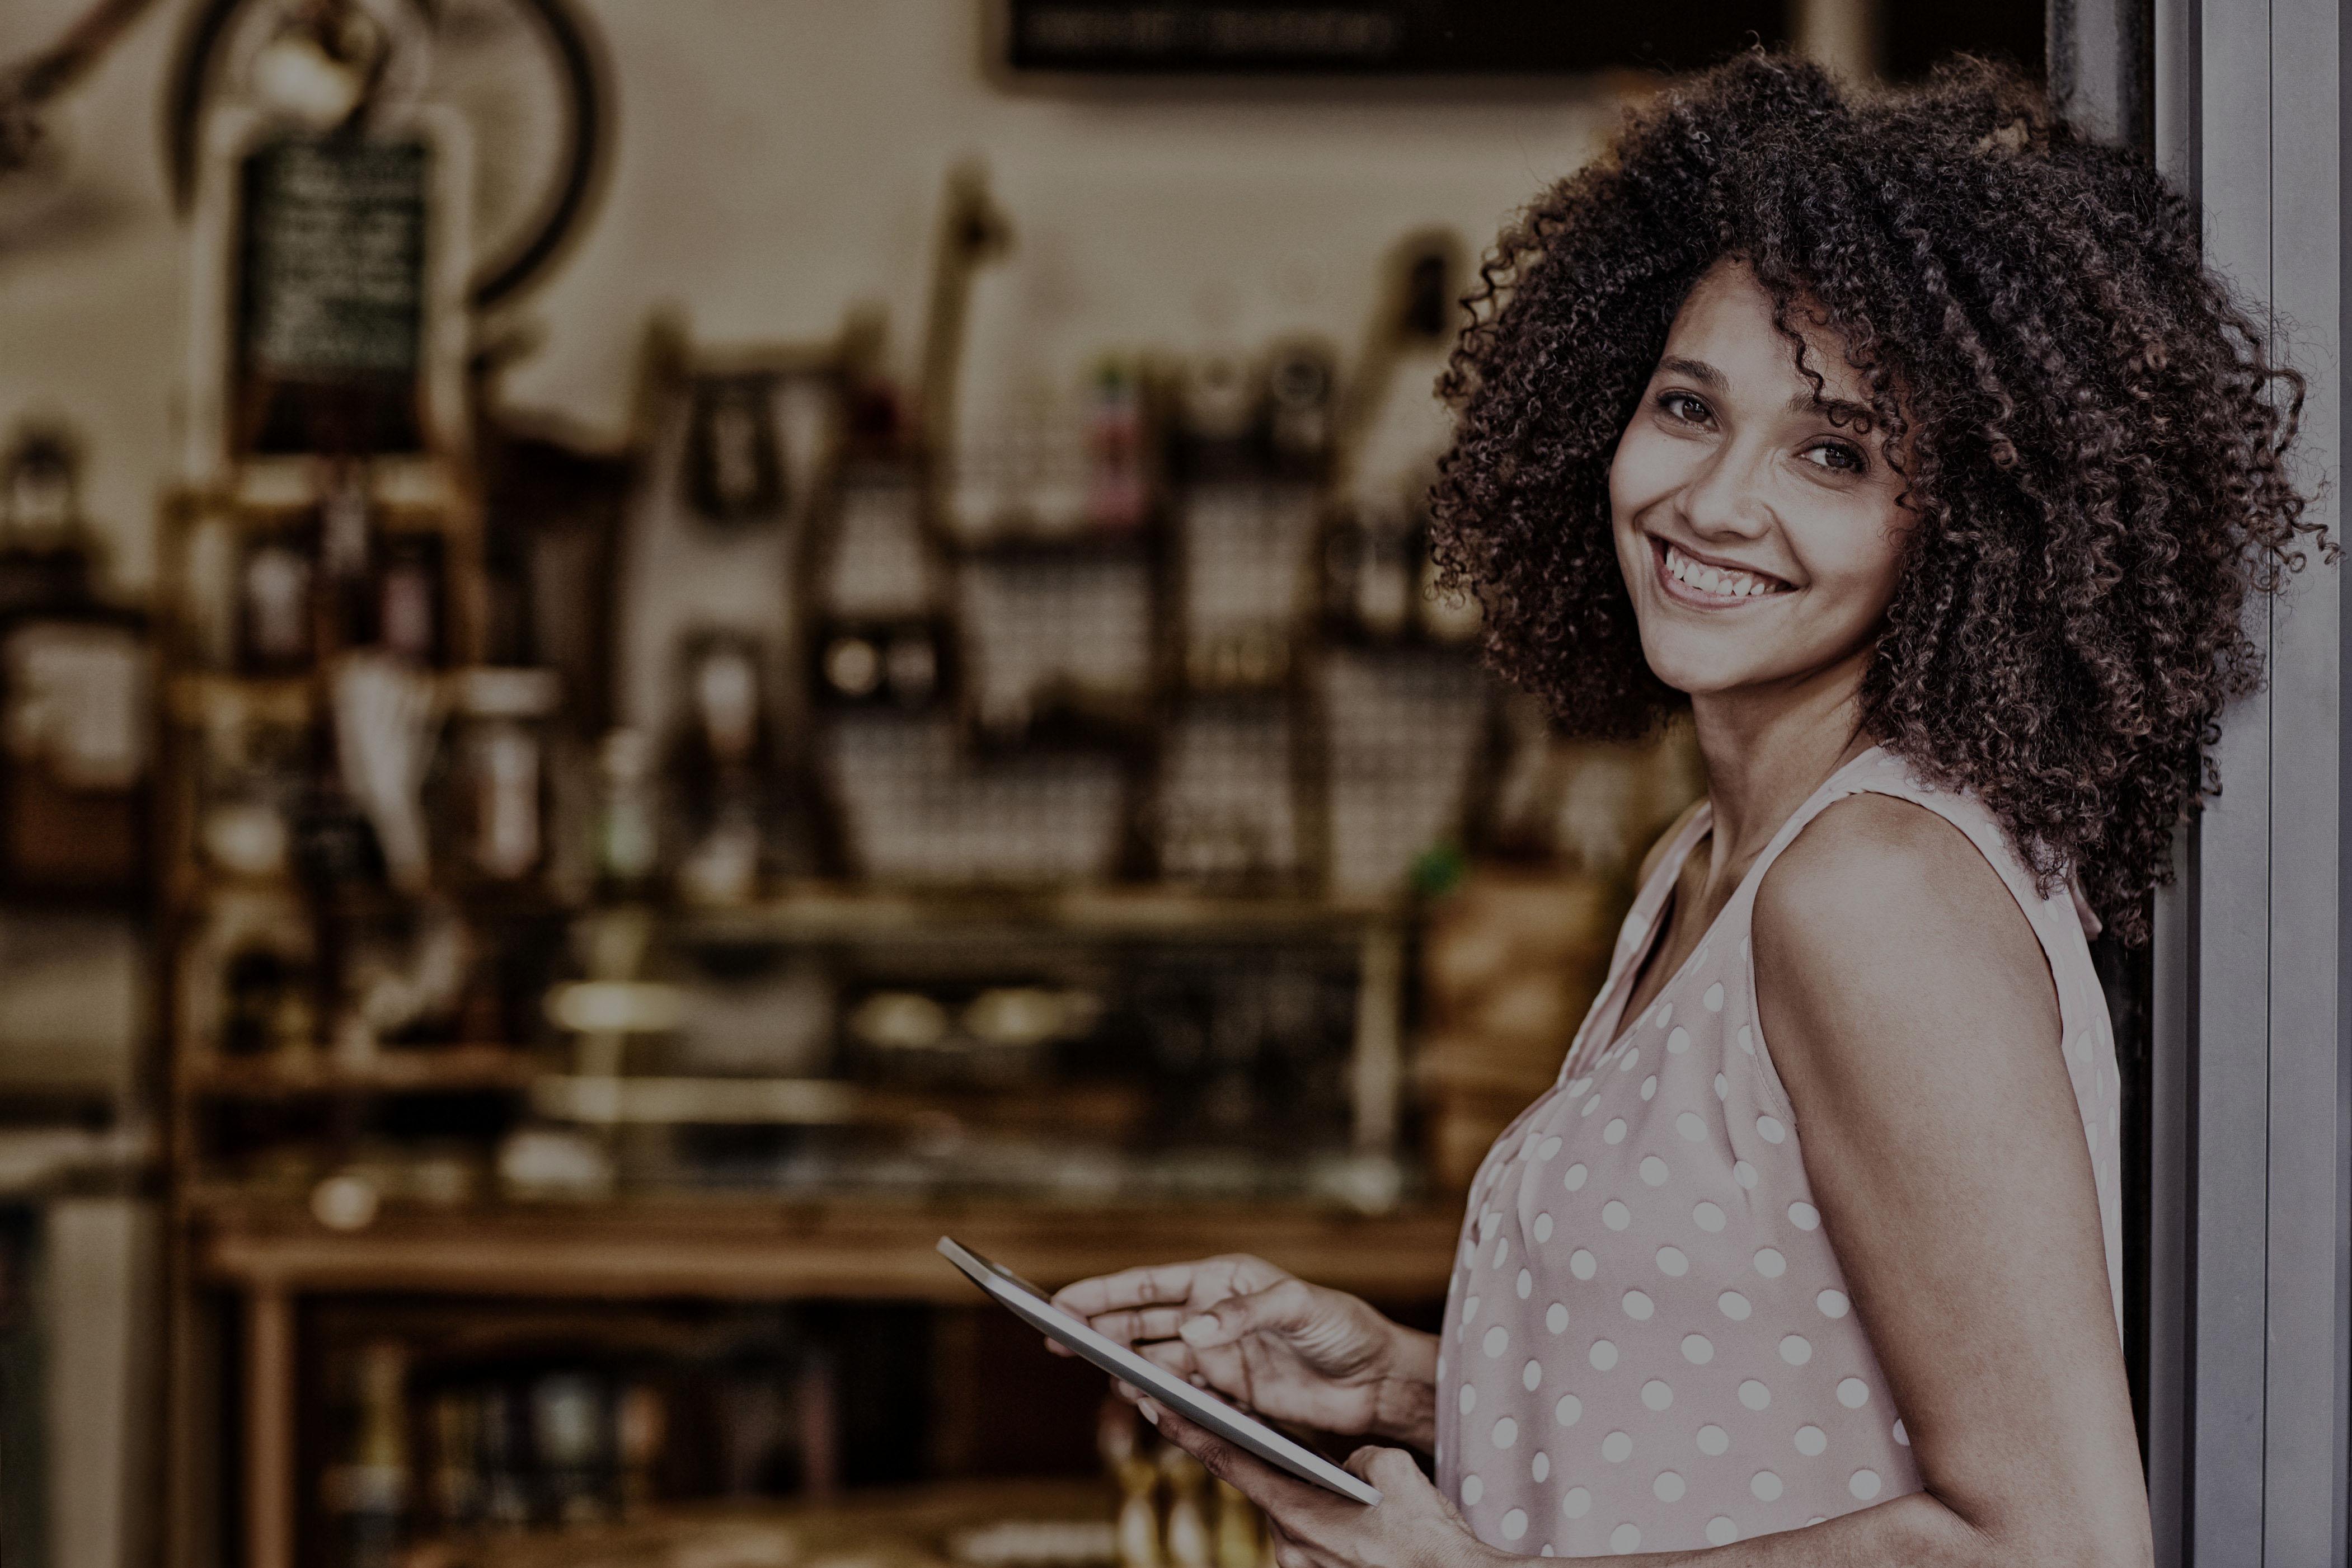 Pon en práctica estas 5 formas de motivar y premiar a los mejores empleados de un pequeño negocio